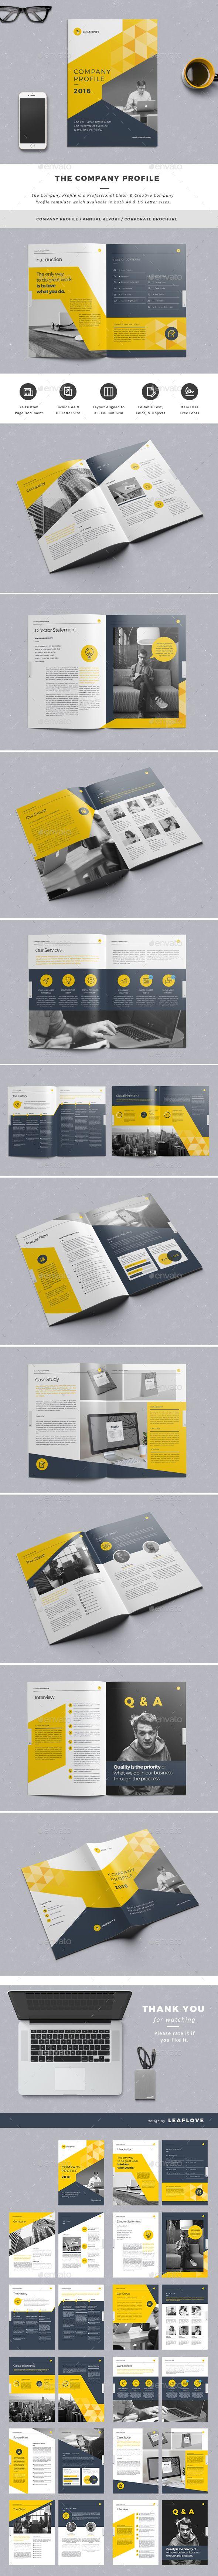 The Company Profile Company Profile Brochure Template And Brochures - Company profile brochure template